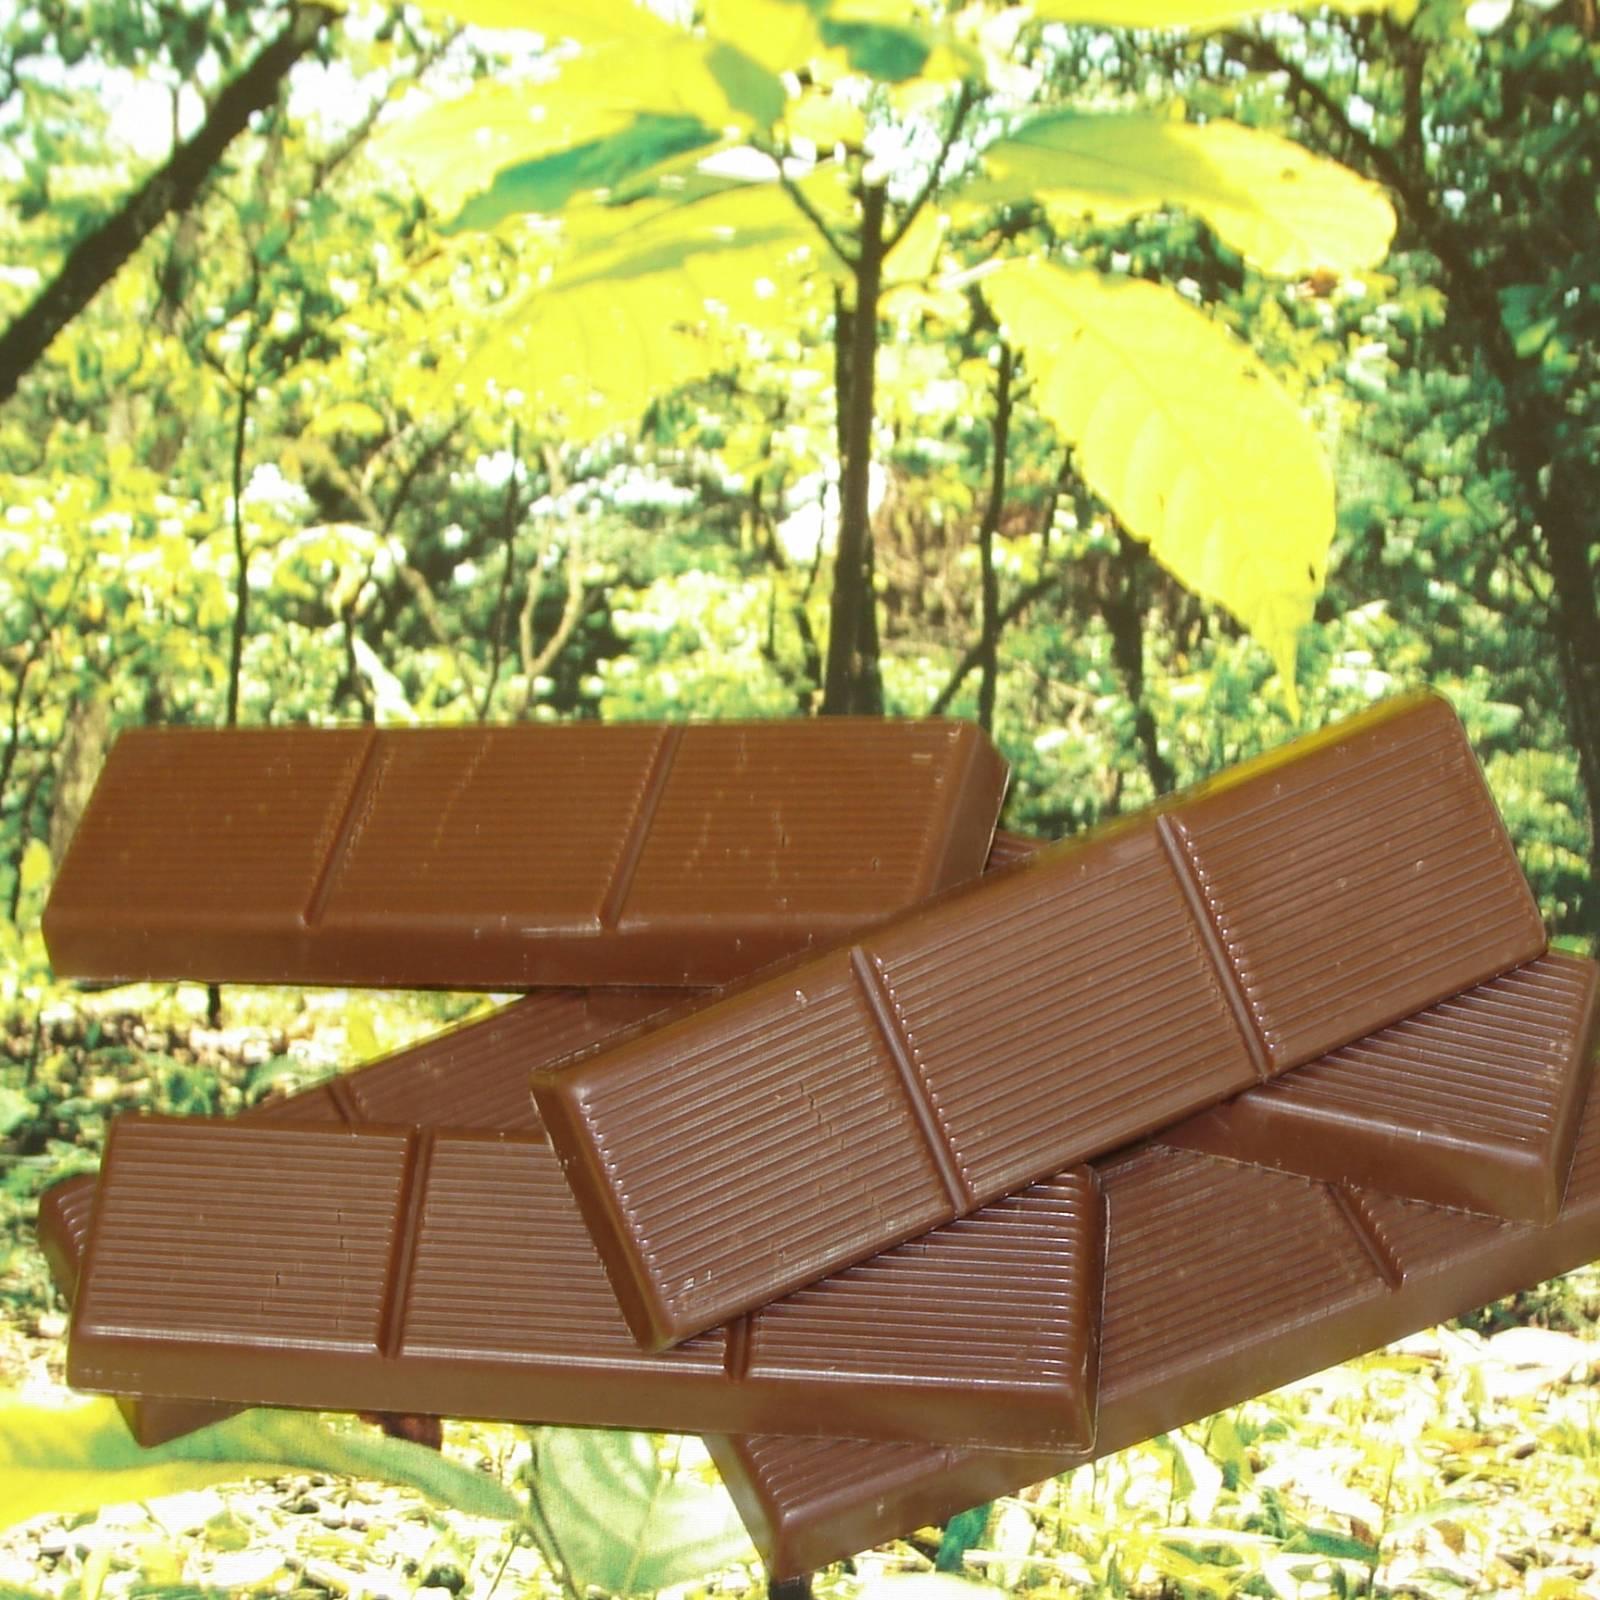 Barras 25g de chocolate